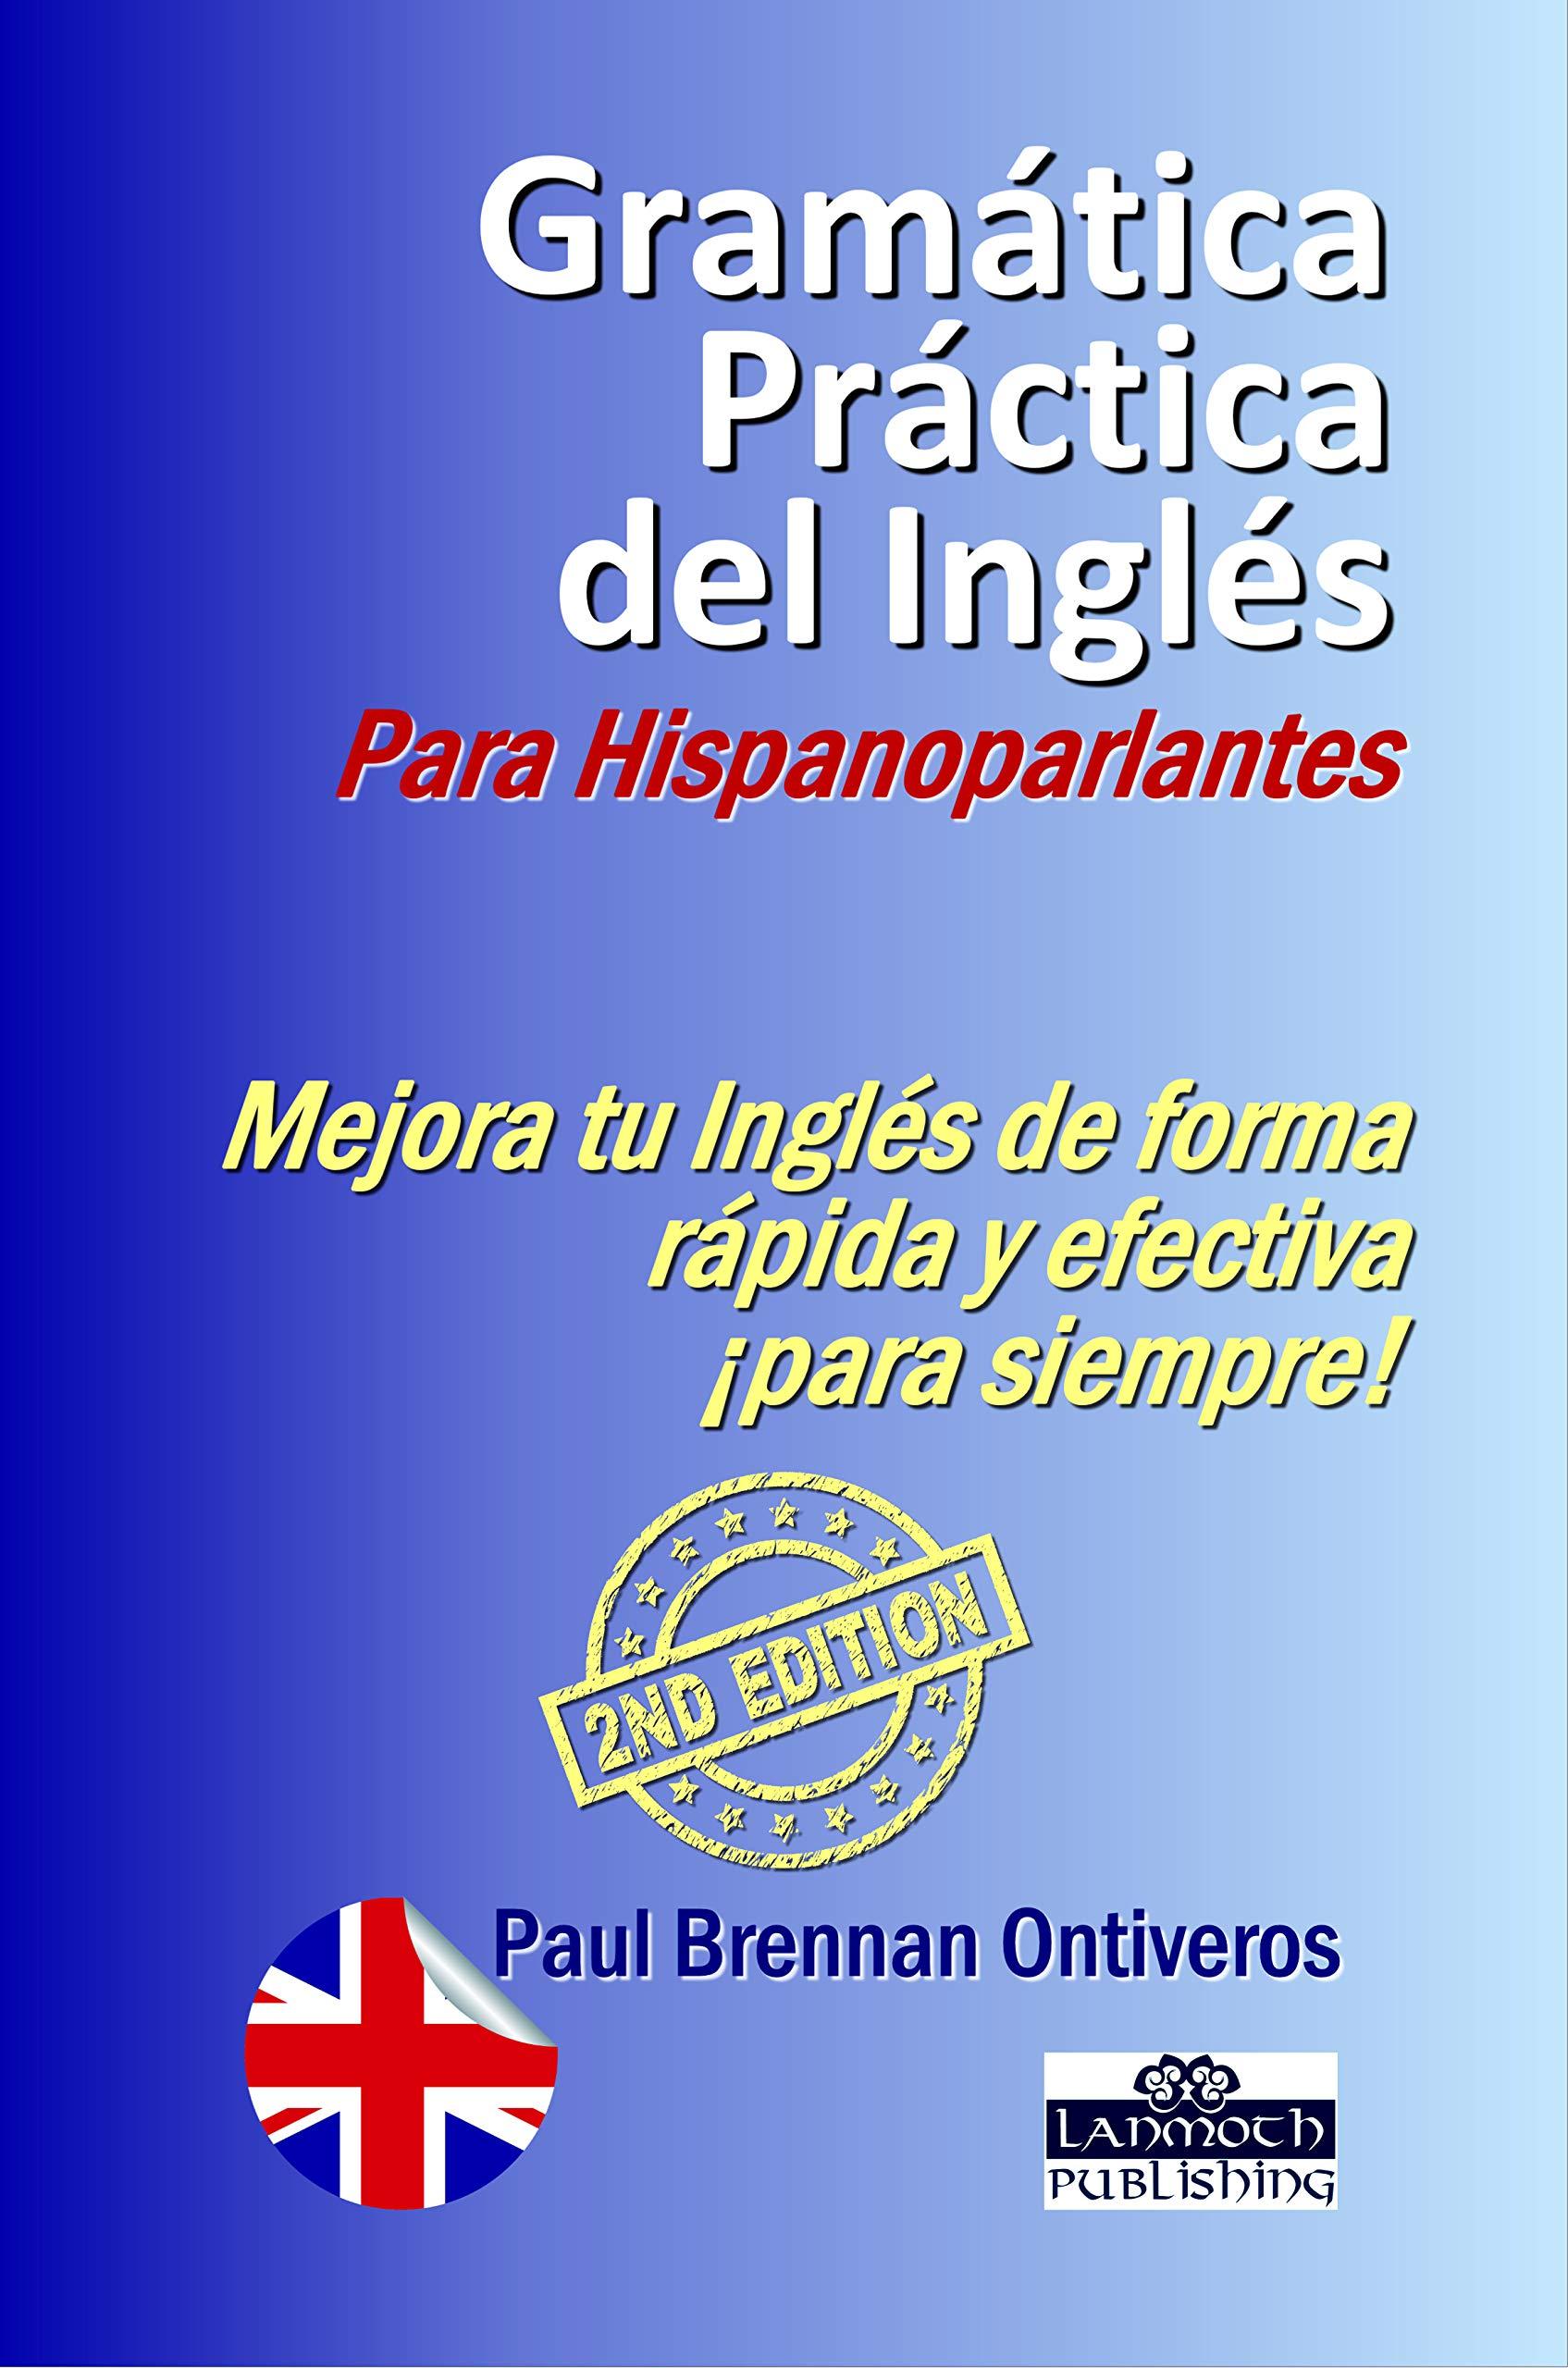 Gramática Práctica del Inglés para Hispanoparlantes: Segunda Edición